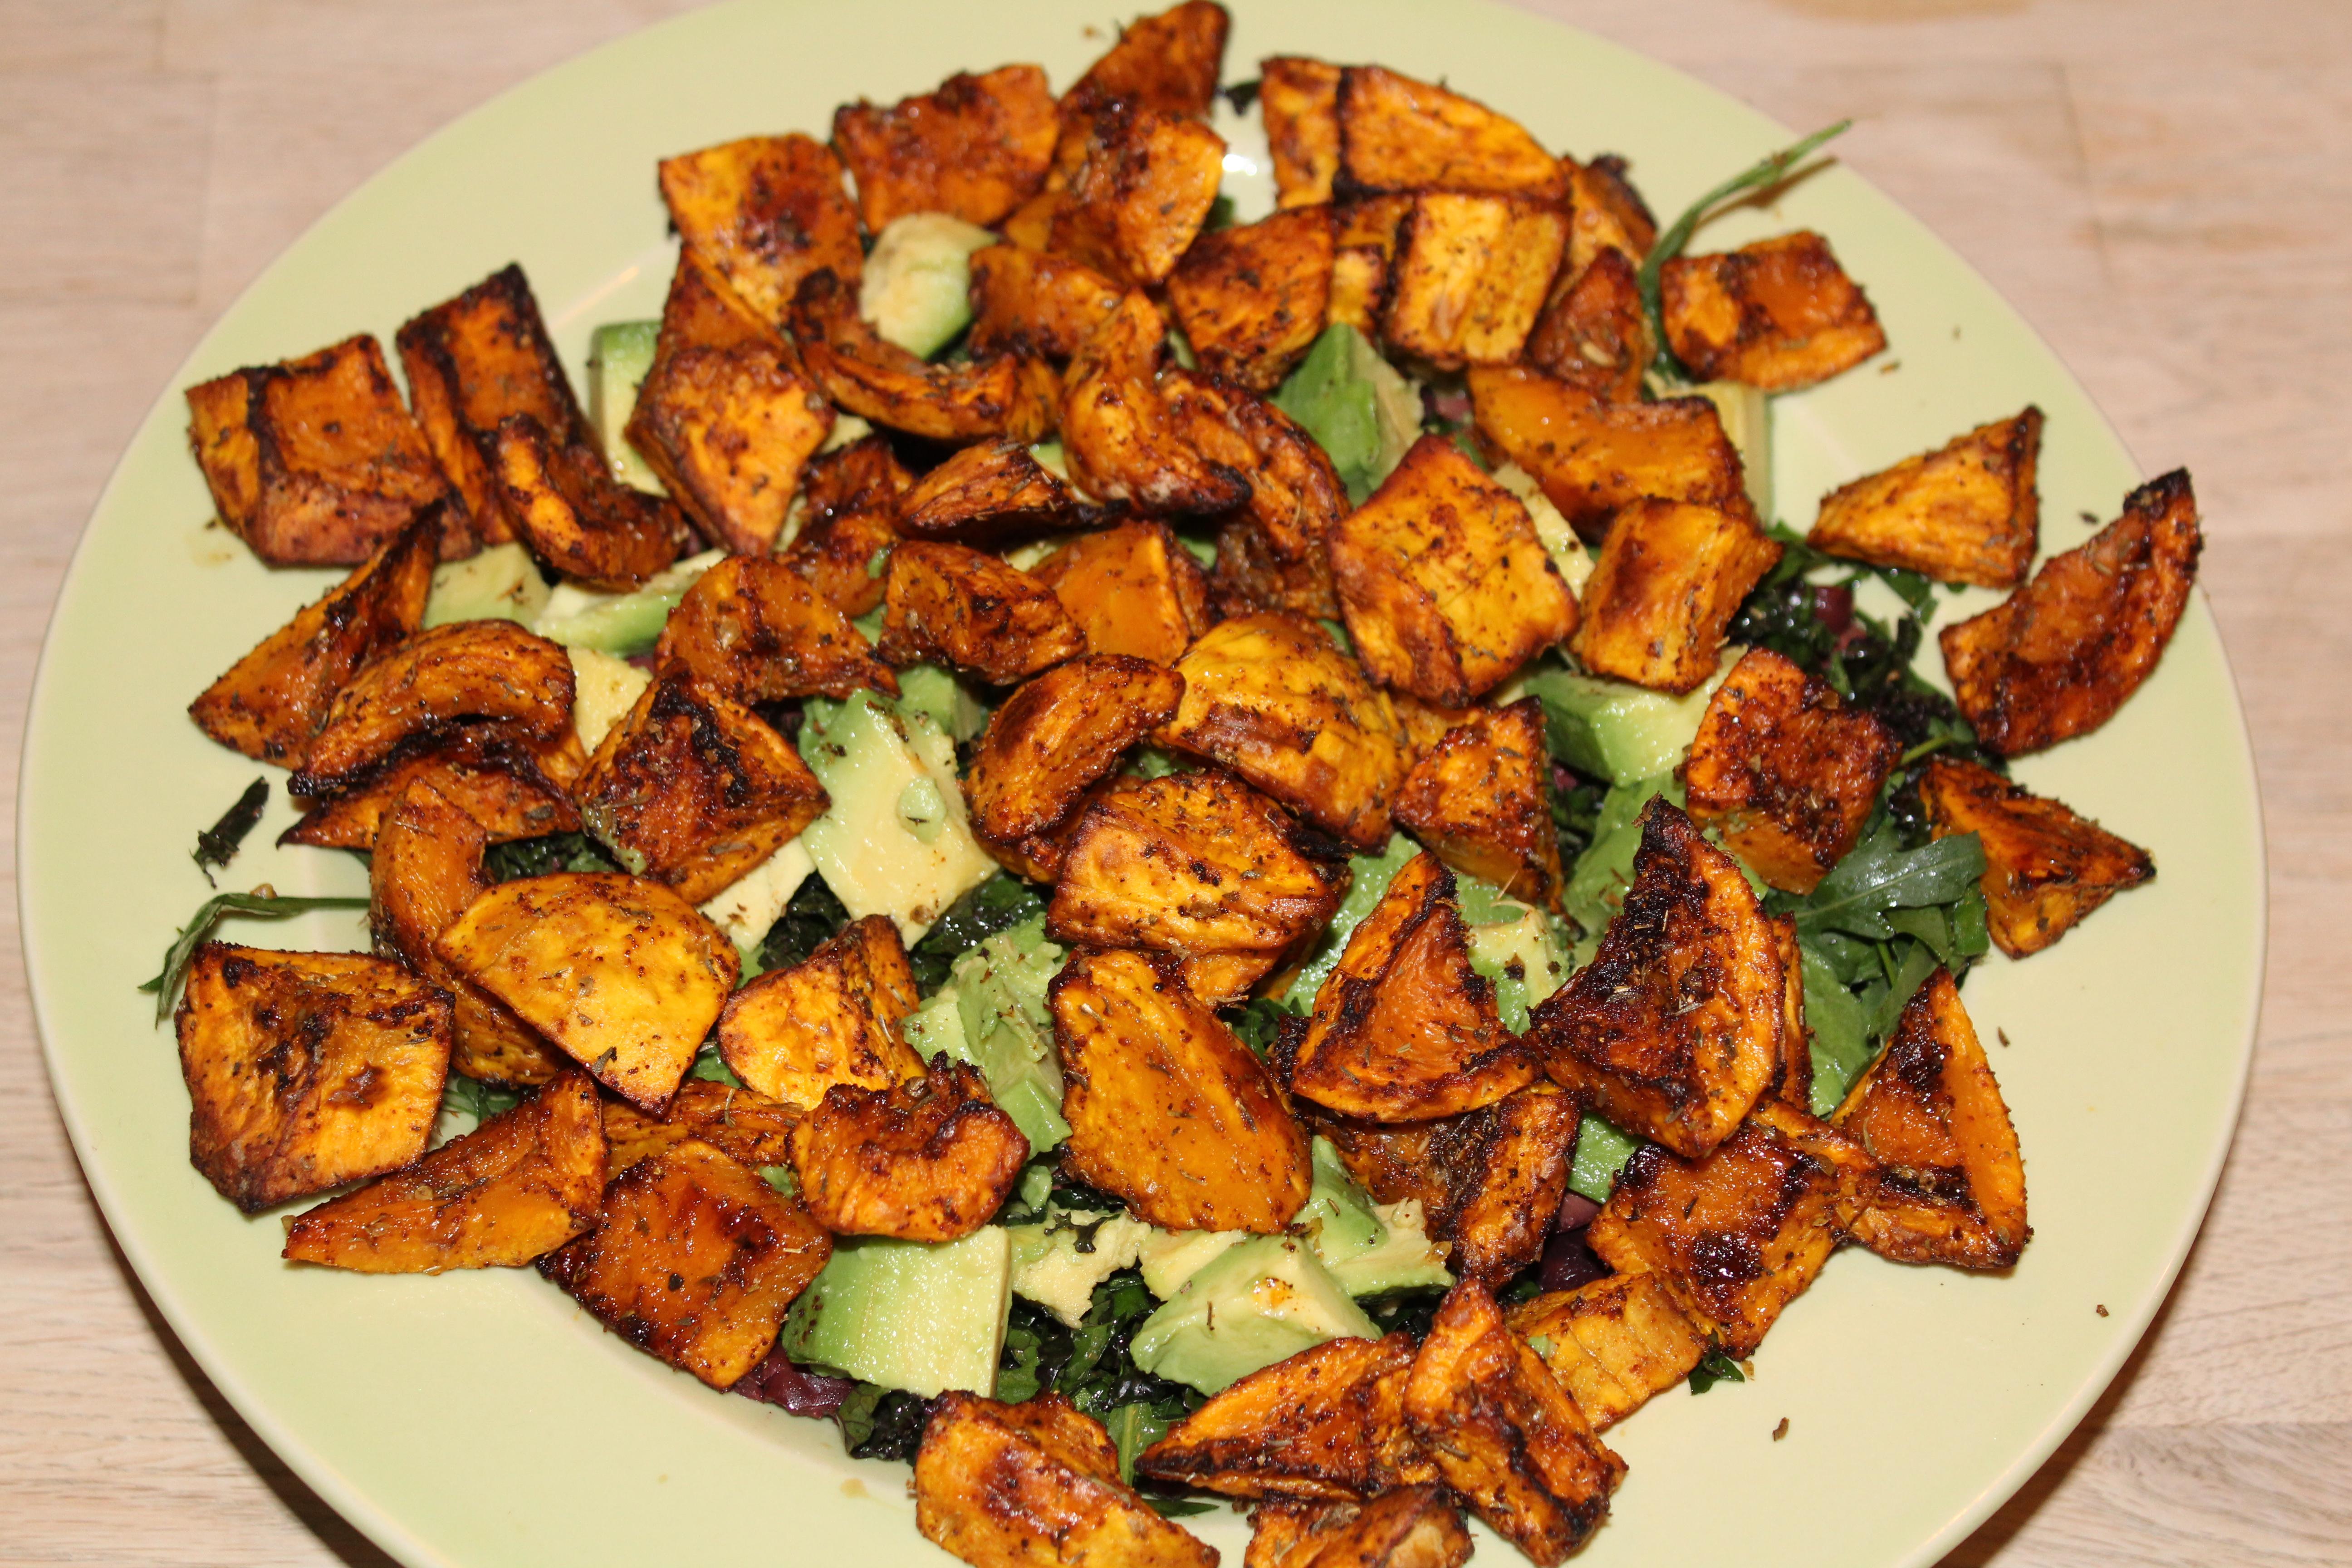 Salat med butternutsquash, avocado, oliven, rucola, grønkål og palmekål